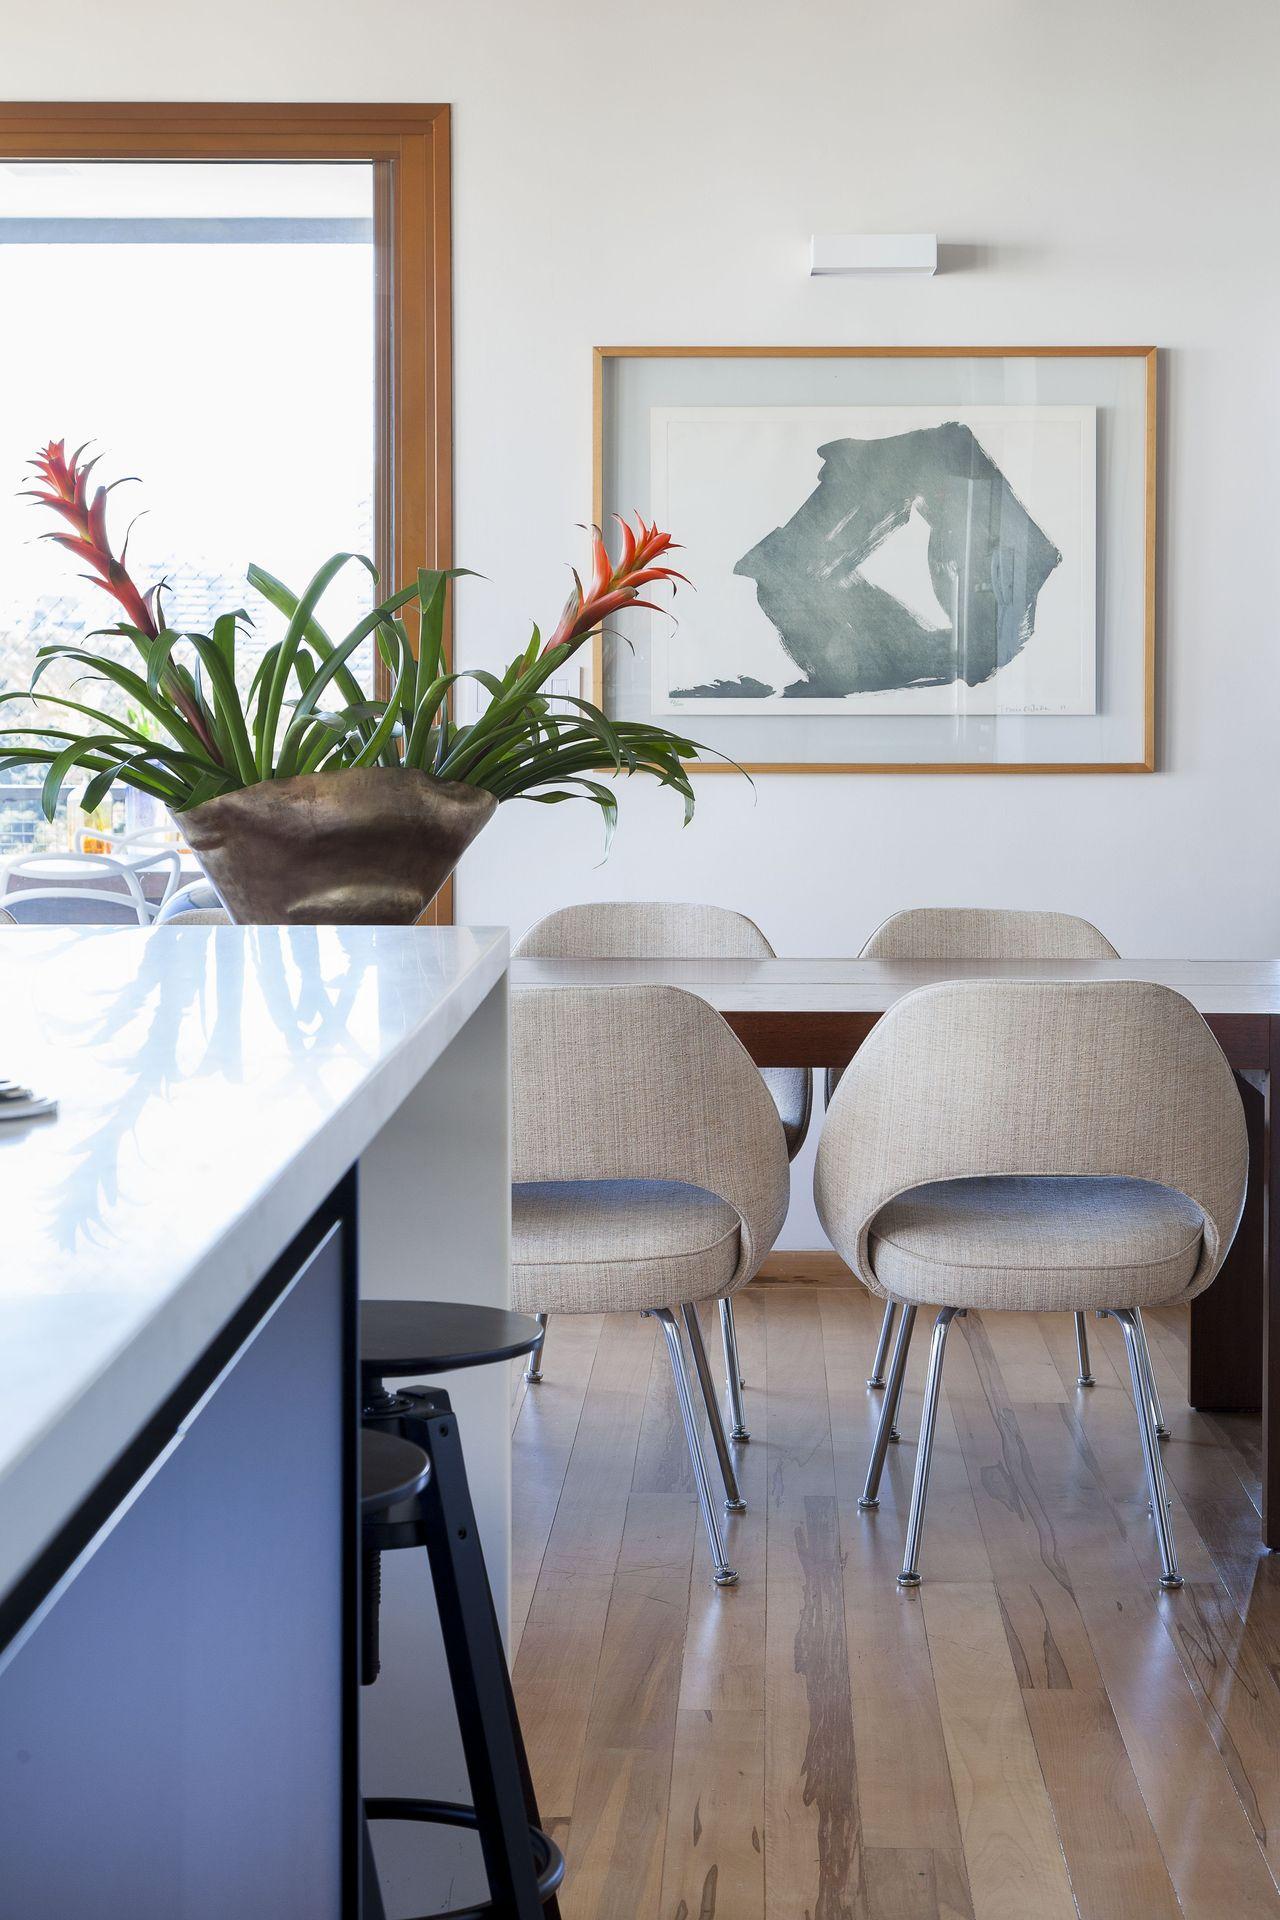 Piso De Madeira E Quadro Abstrato De D Ptico Design De Interiores  -> Quadro Abstrato Sala De Jantar